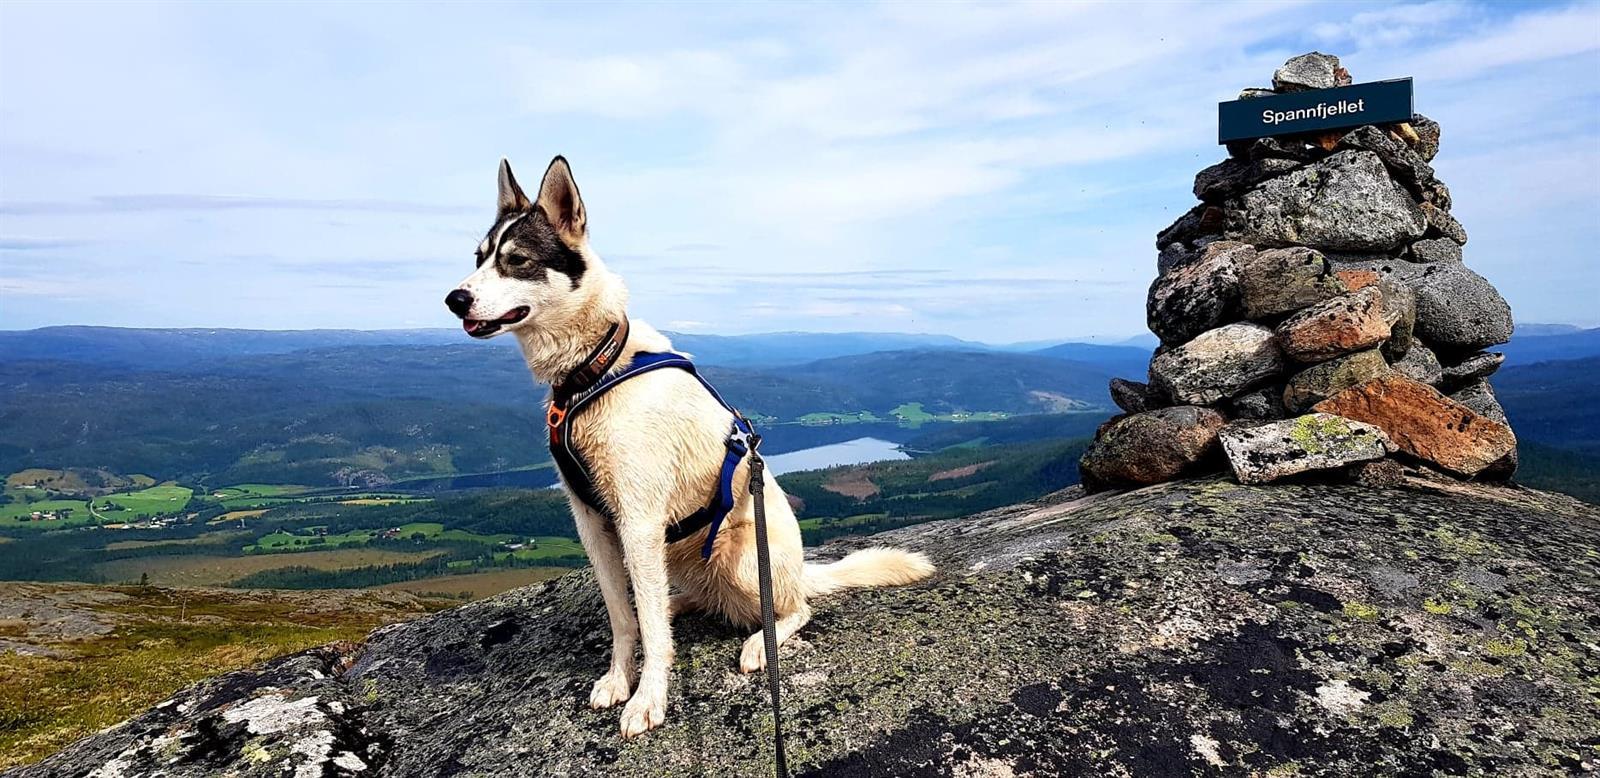 Turforslag: Spannfjellet 474 moh. (inkl. Vigdisvarden)